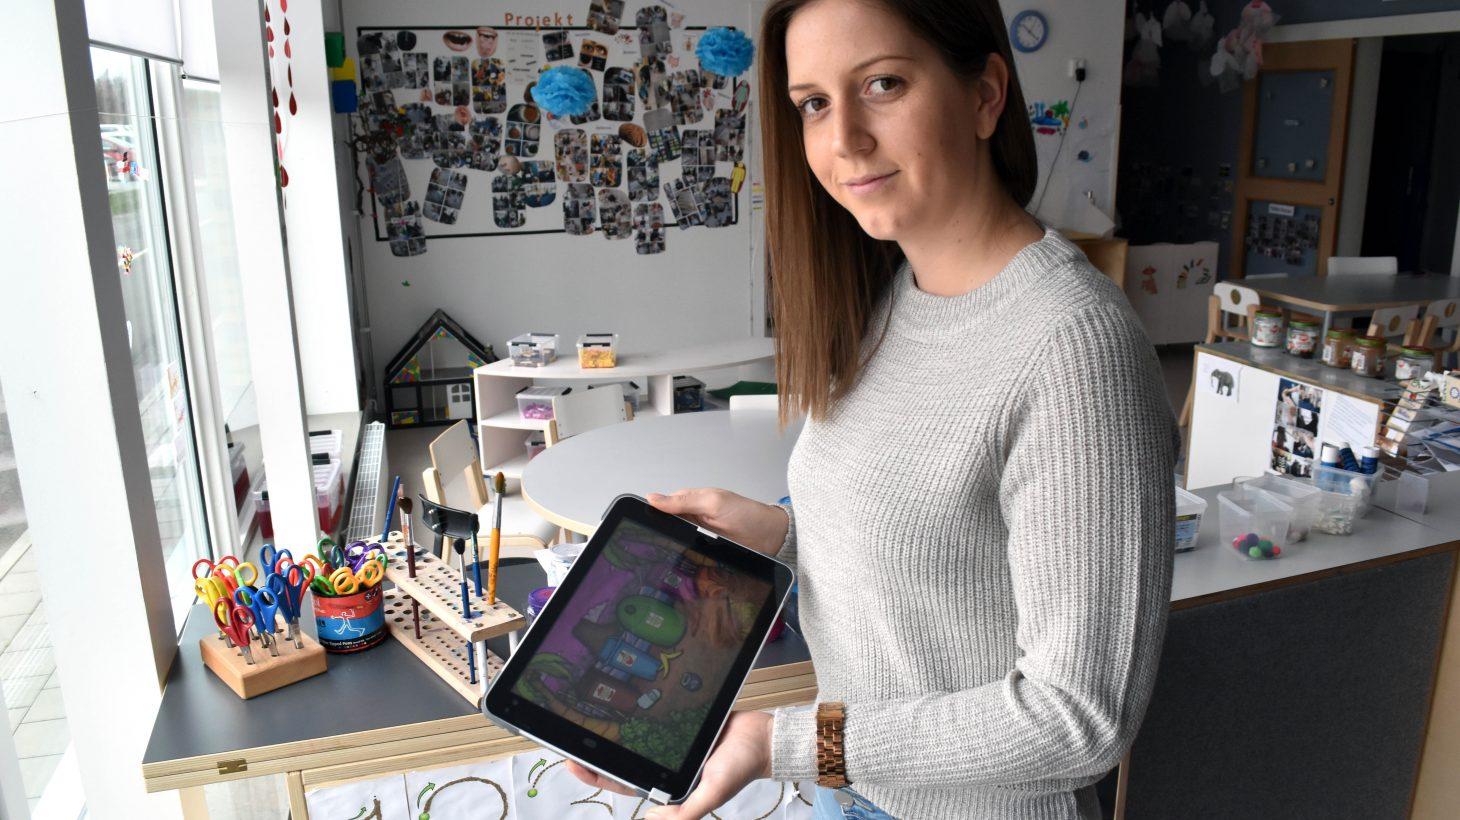 Isabel Schoszarzek, förskollärare på Pärlugglans förskola, håller upp ipad.